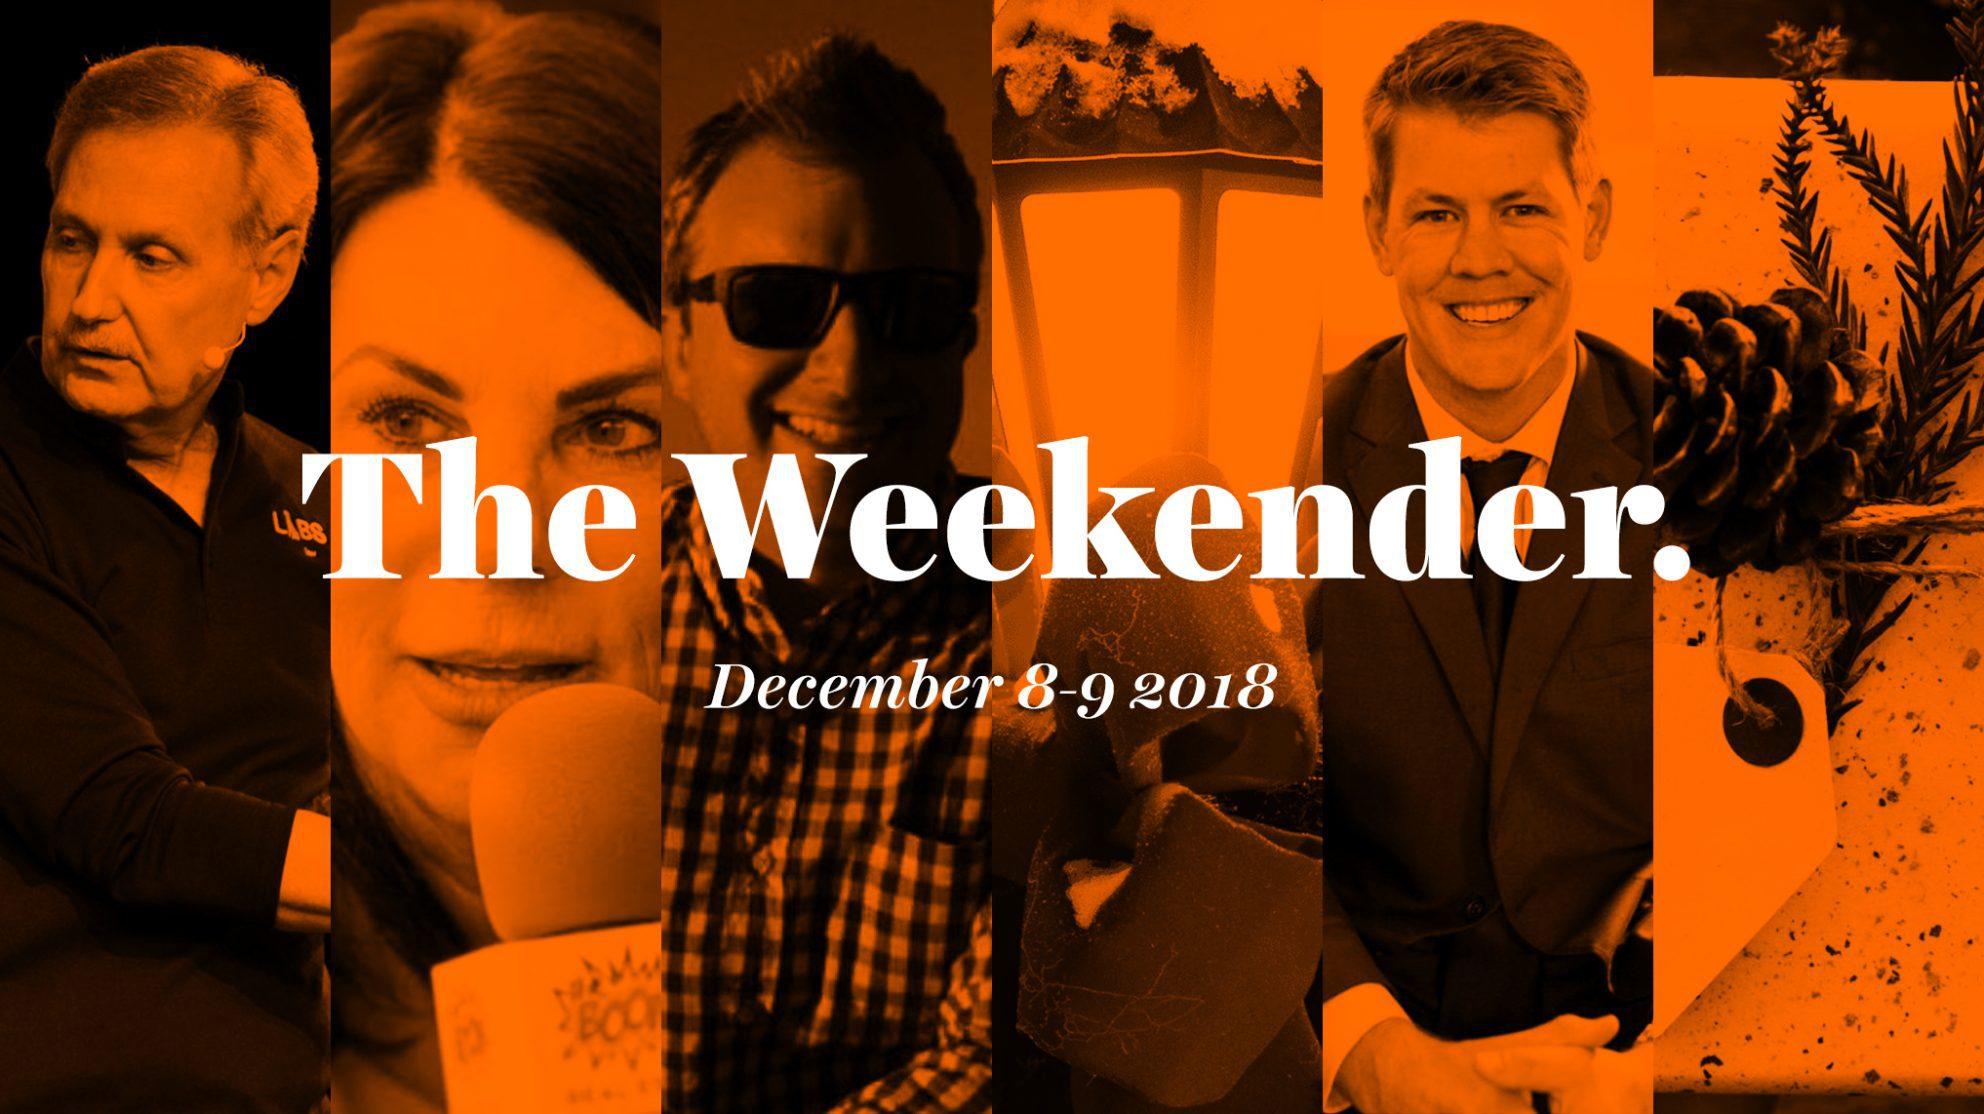 The Inman Weekender, December 8-9, 2018